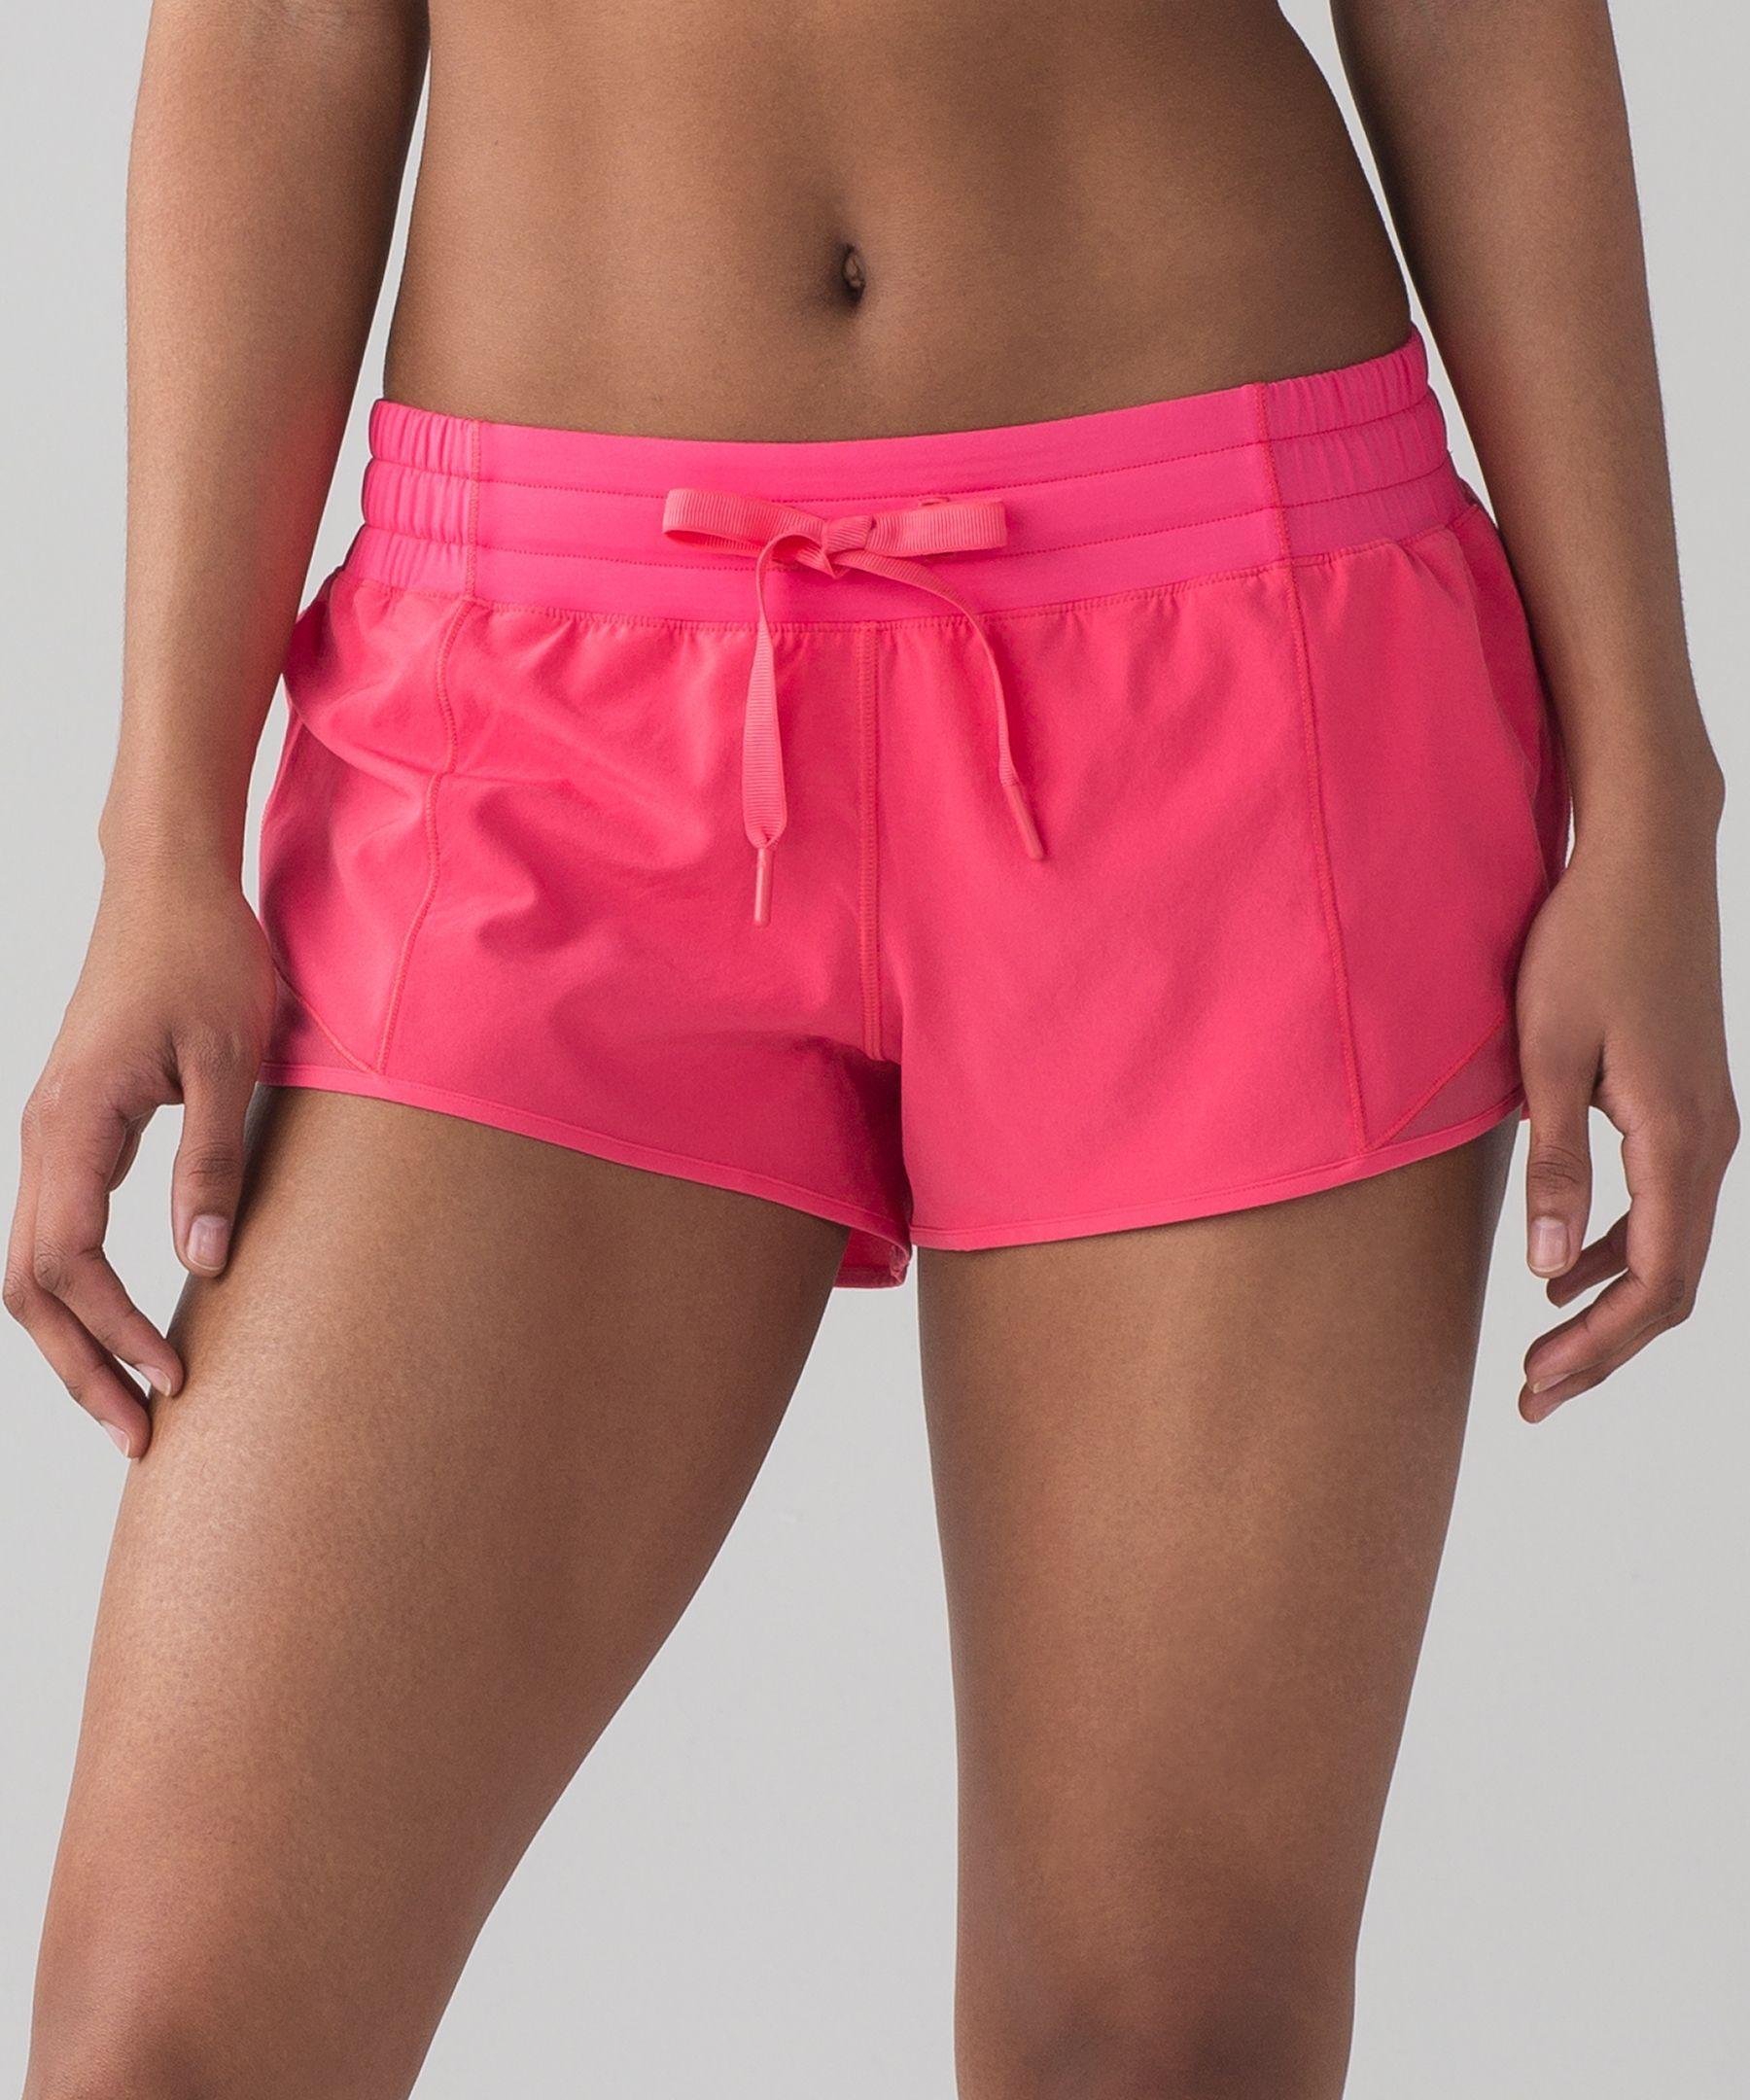 Hotty Hot Short *2.5